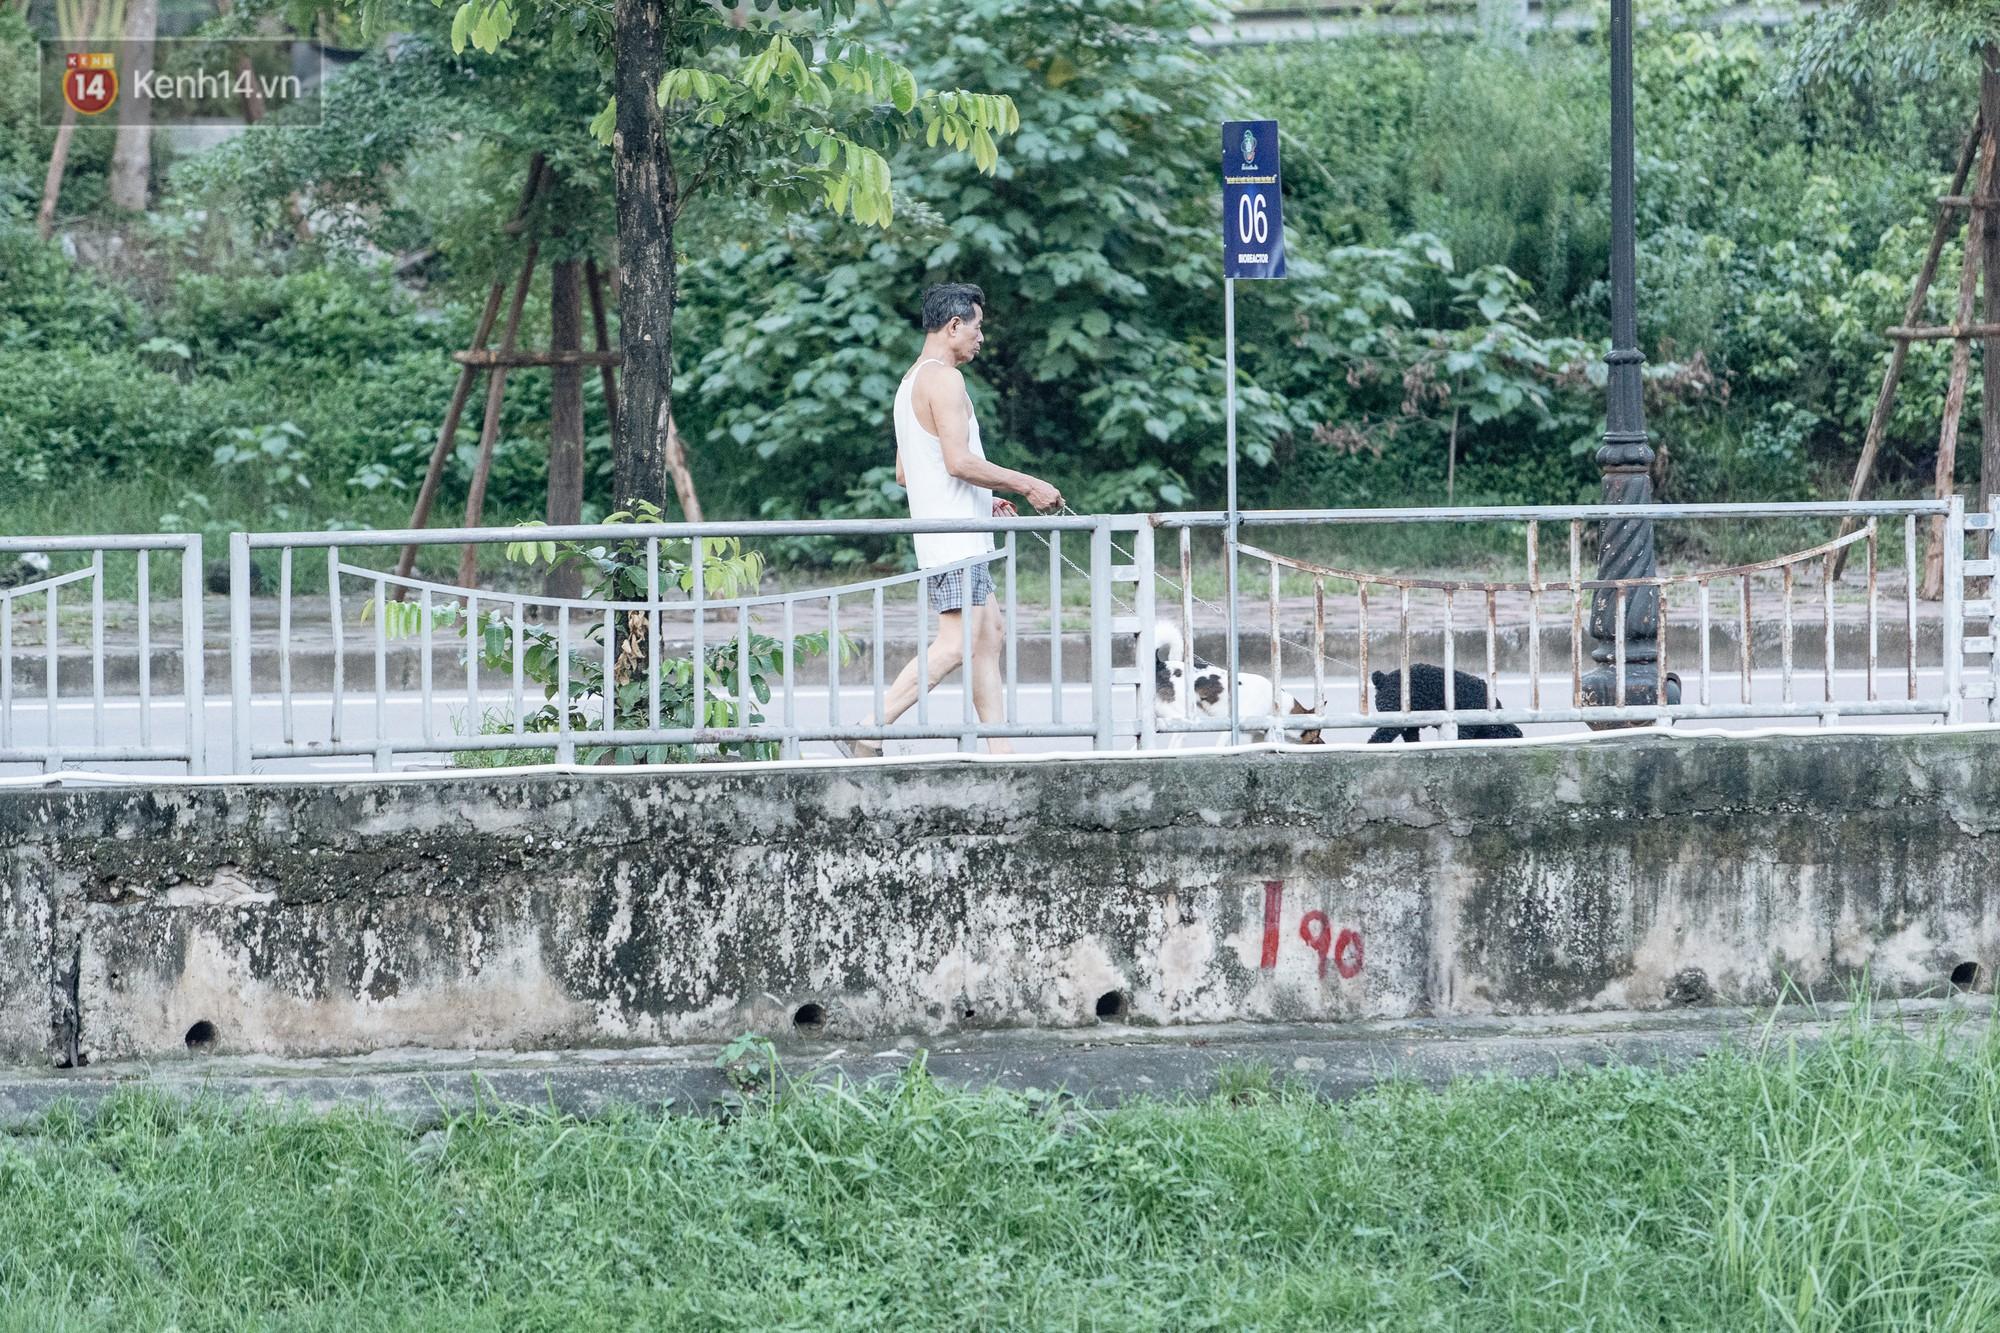 Sông Tô Lịch đổi màu sau khi làm sạch bằng công nghệ Nhật Bản: Hoa lau xanh mướt, người dân thư thả câu cá - Ảnh 12.